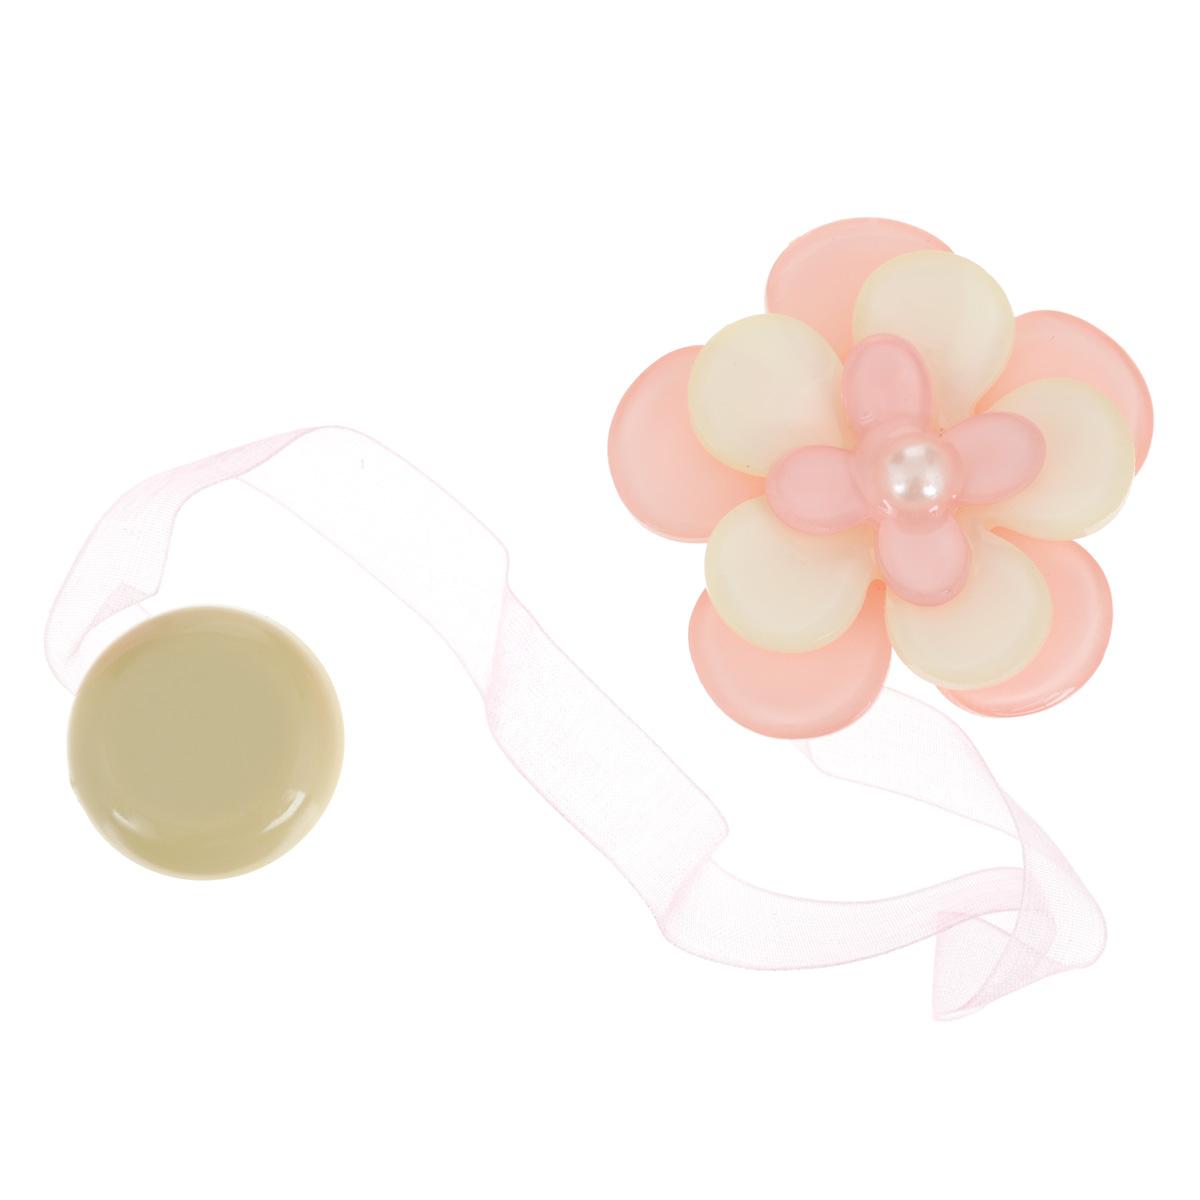 Клипса-магнит для штор Calamita Fiore, цвет: бледно-розовый, бежевый. 7704013_5517704013_551Клипса-магнит Calamita Fiore, изготовленная из пластика и полиэстера, предназначена для придания формы шторам. Изделие представляет собой два магнита, расположенные на разных концах текстильной ленты. Один из магнитов оформлен декоративным цветком. С помощью такой магнитной клипсы можно зафиксировать портьеры, придать им требуемое положение, сделать складки симметричными или приблизить портьеры, скрепить их. Клипсы для штор являются универсальным изделием, которое превосходно подойдет как для штор в детской комнате, так и для штор в гостиной. Следует отметить, что клипсы для штор выполняют не только практическую функцию, но также являются одной из основных деталей декора, которая придает шторам восхитительный, стильный внешний вид. Диаметр декоративного цветка: 5 см. Длина ленты: 28 см.